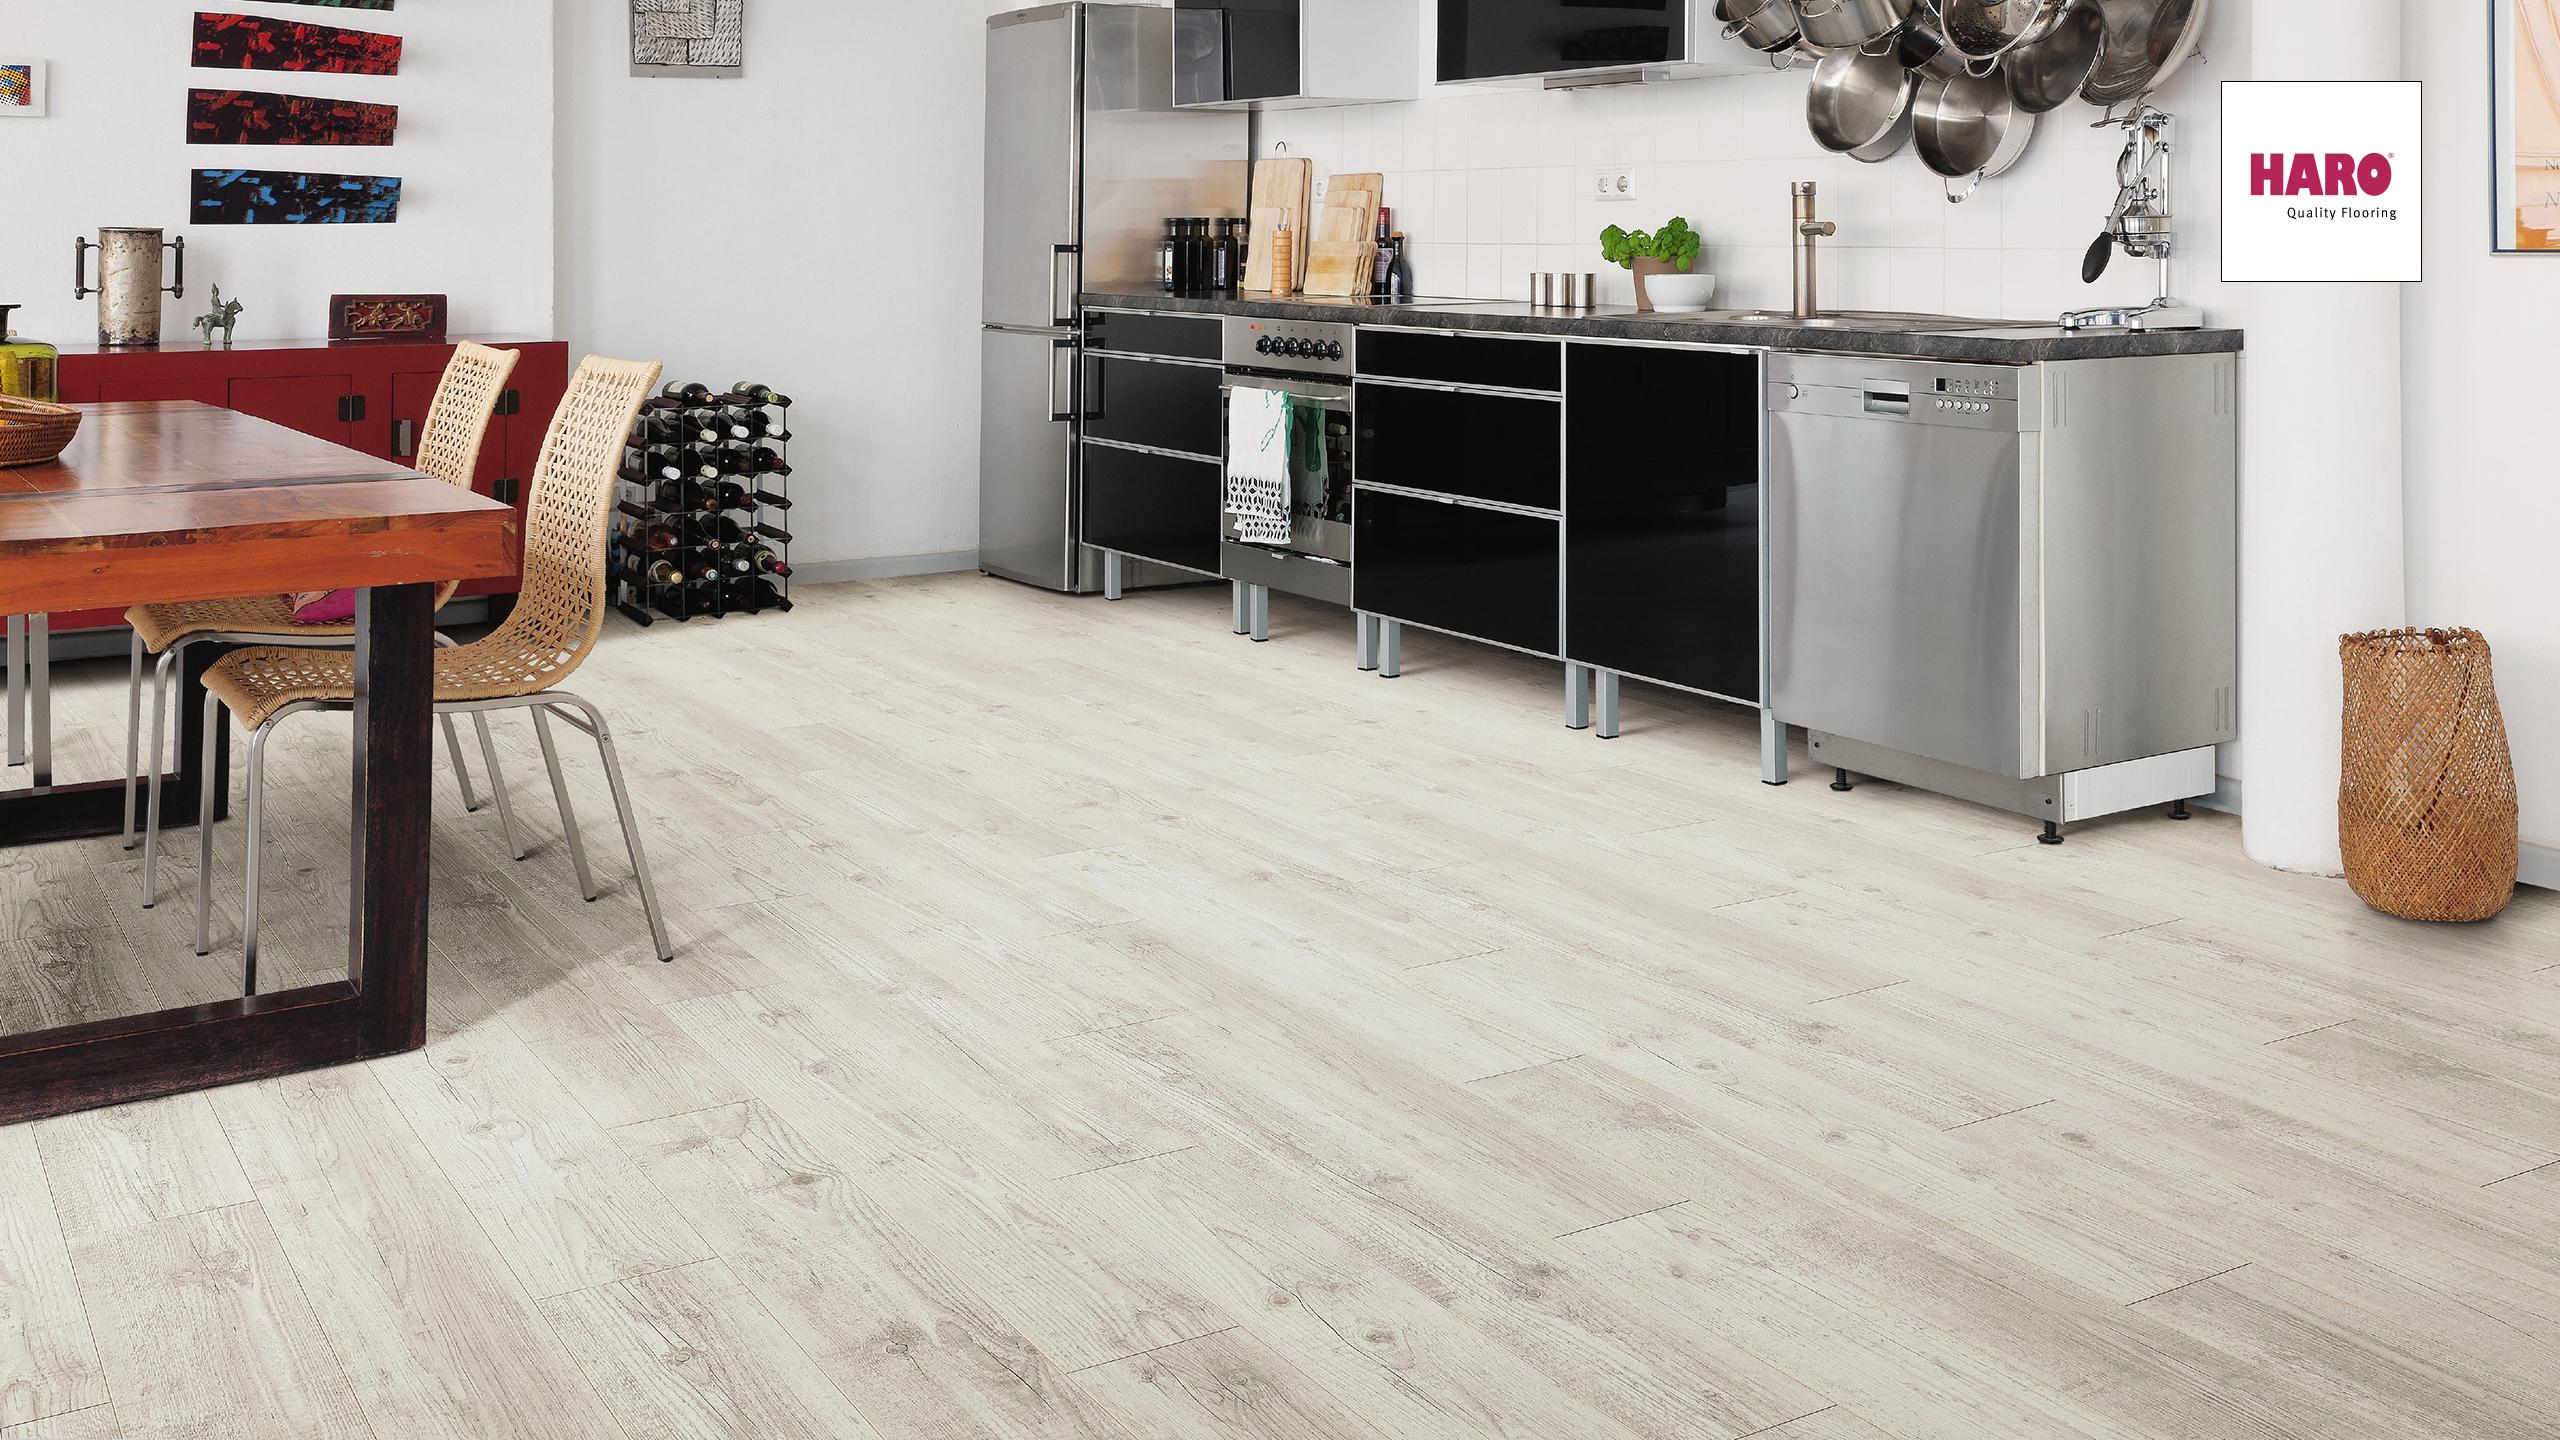 laminat im schiffsbodendesign ein wahrer klassiker. Black Bedroom Furniture Sets. Home Design Ideas